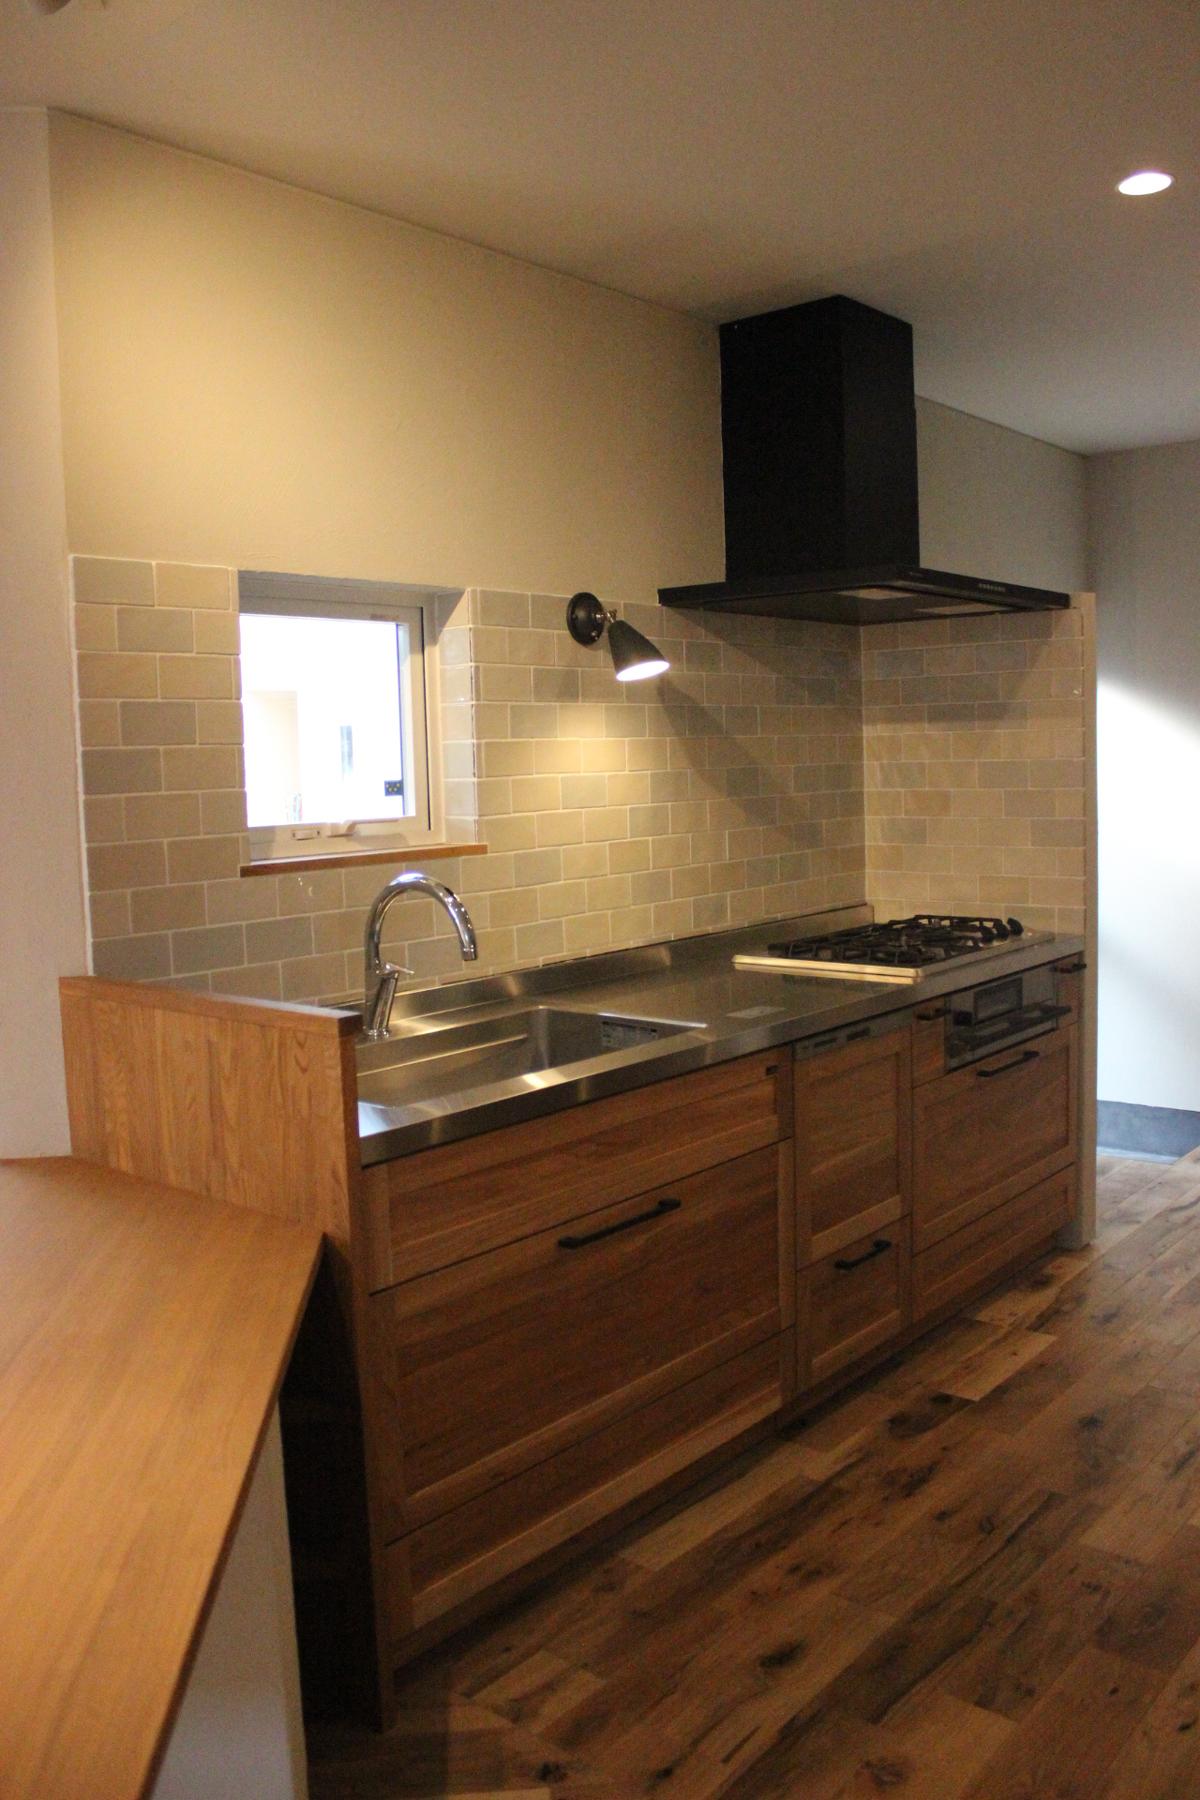 ステンレス天板のキッチンも素敵!